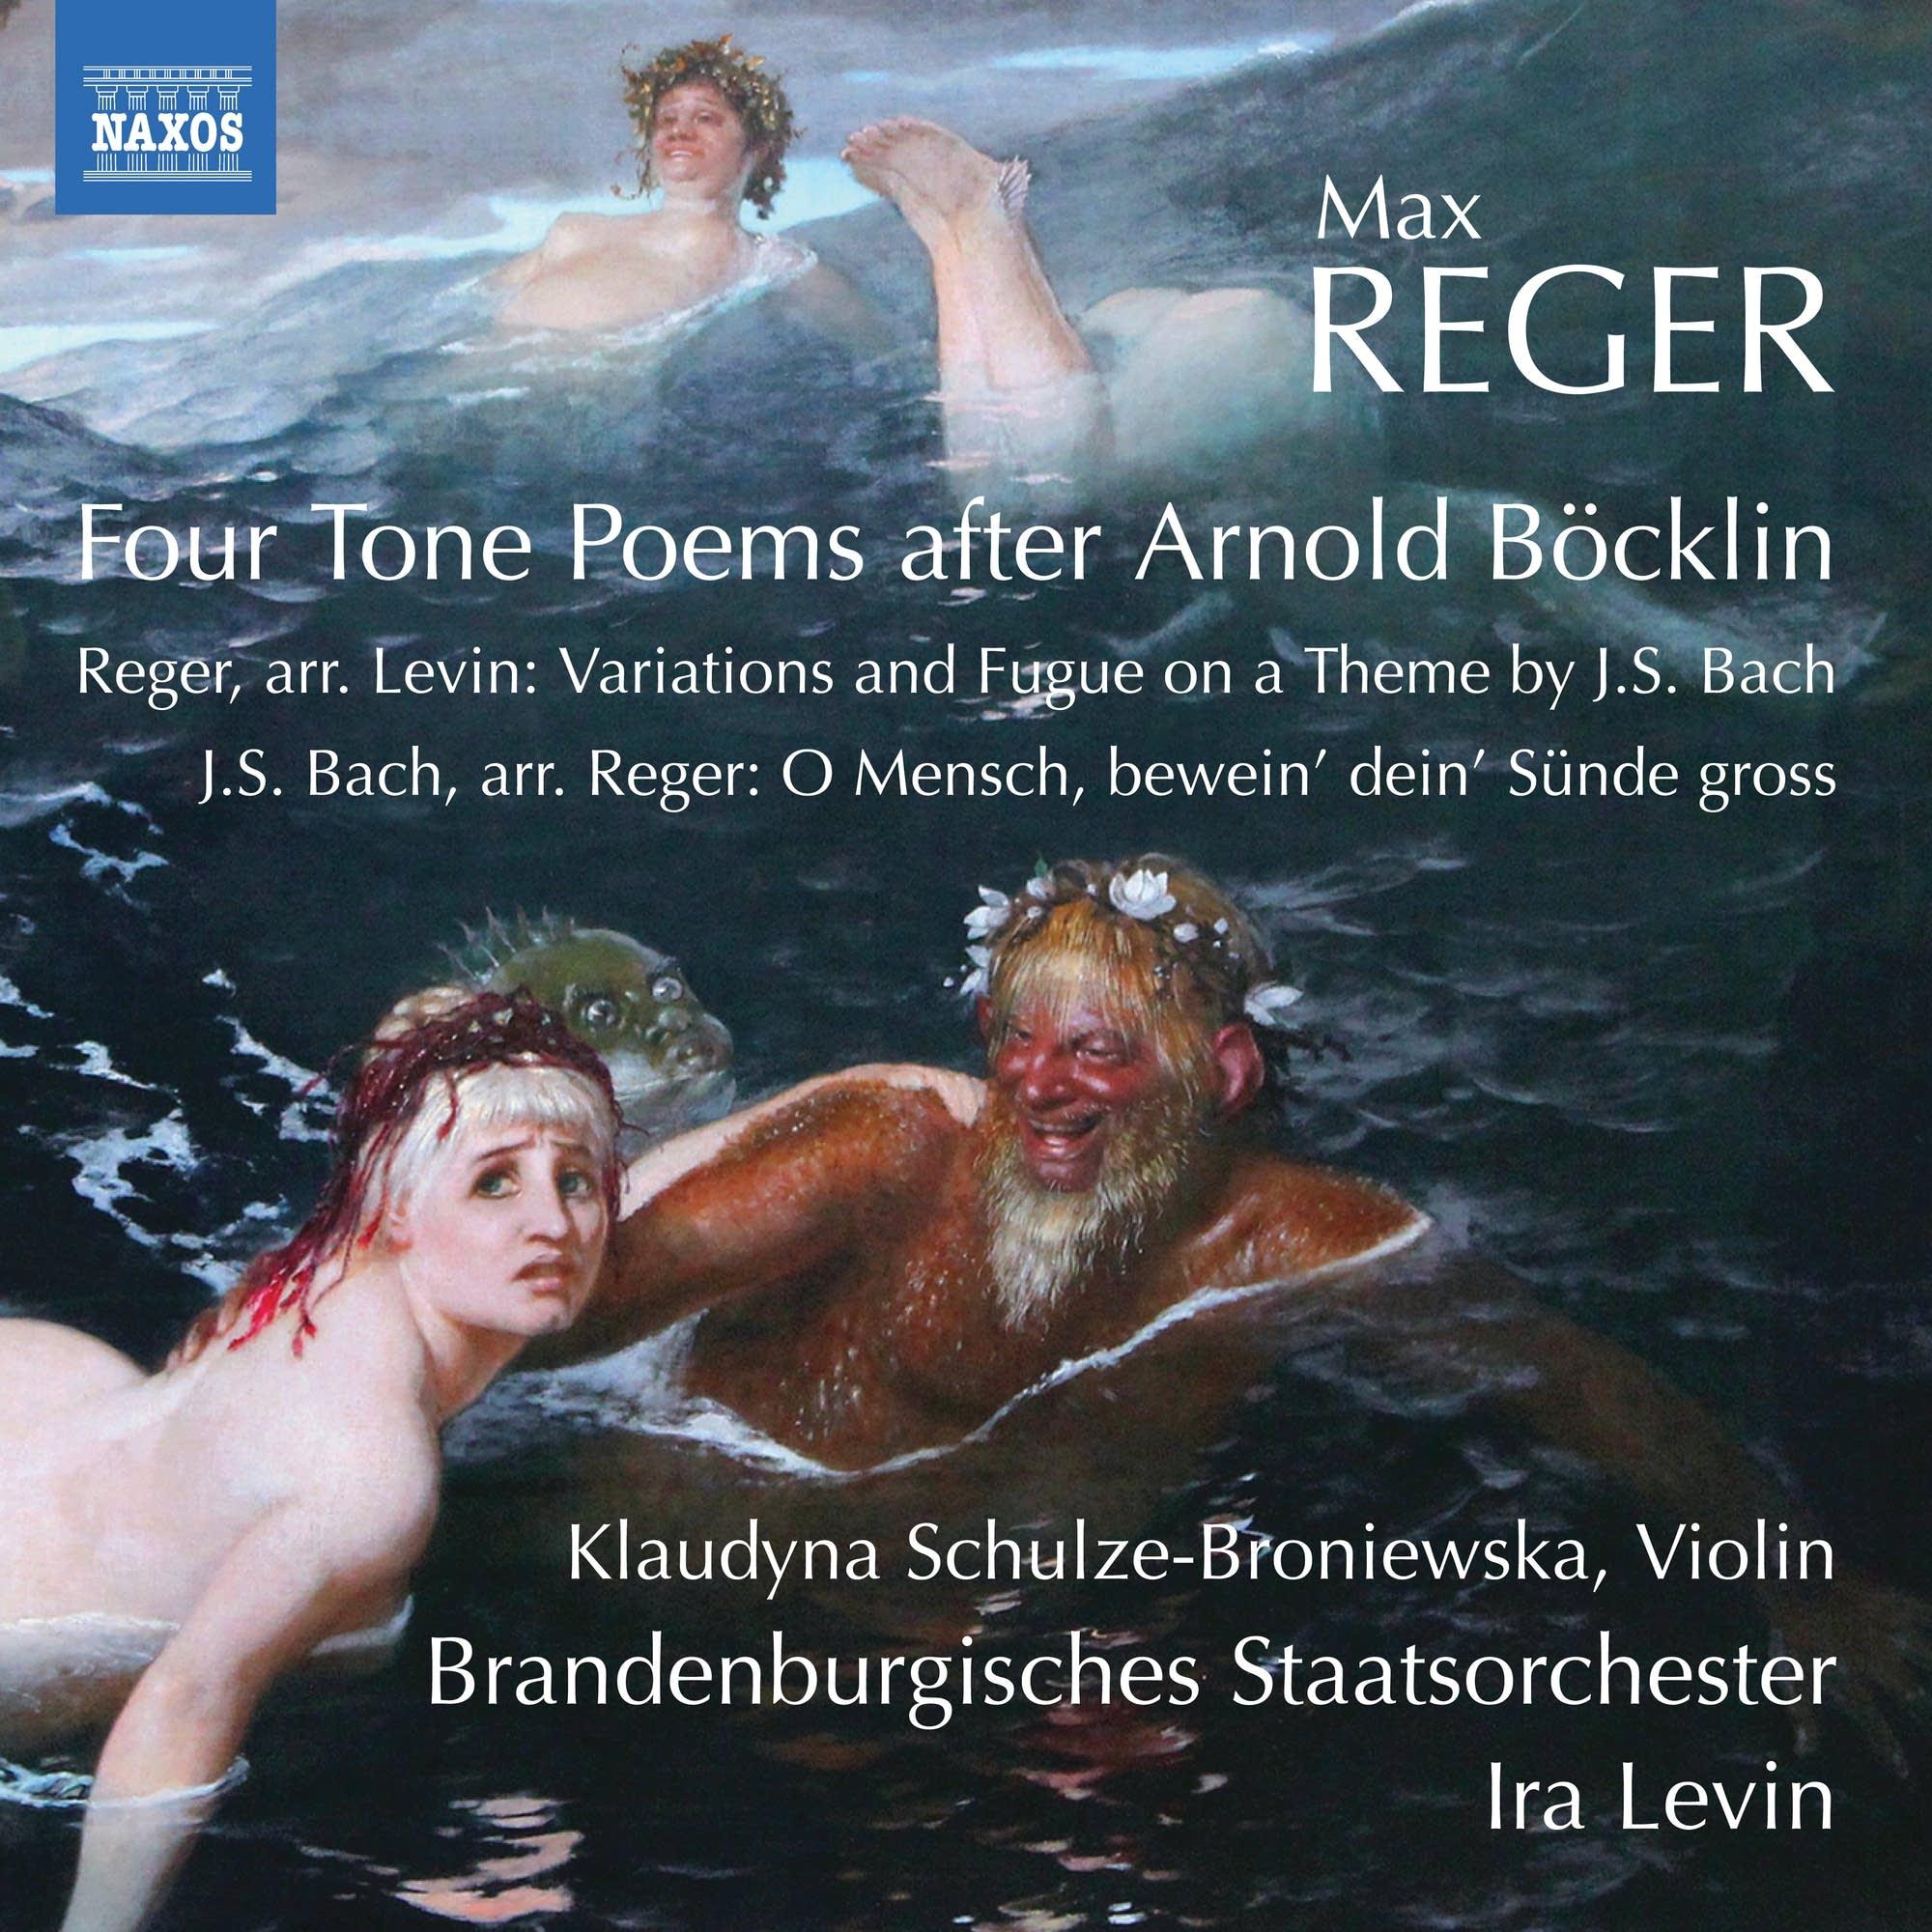 Max Reger - J.S. Bach's O Mensch, Bewein' Dein' Sunde Gross